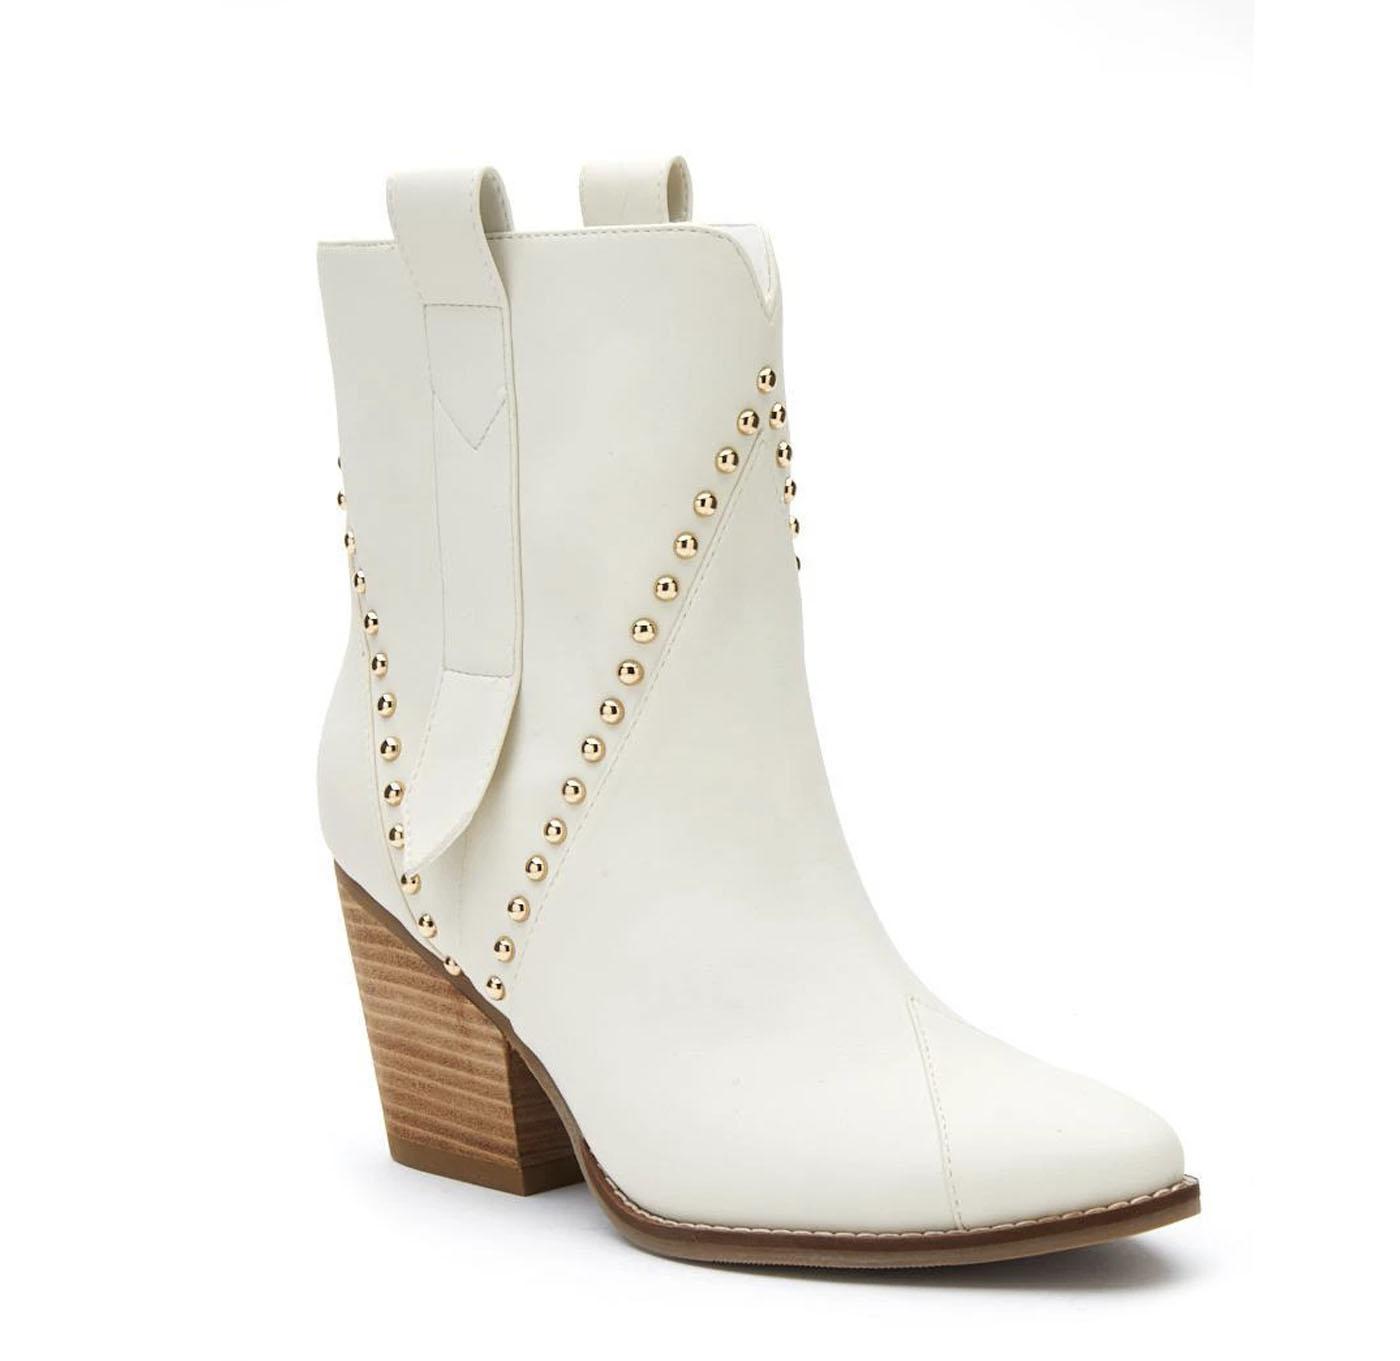 stud embellished wedding-boot